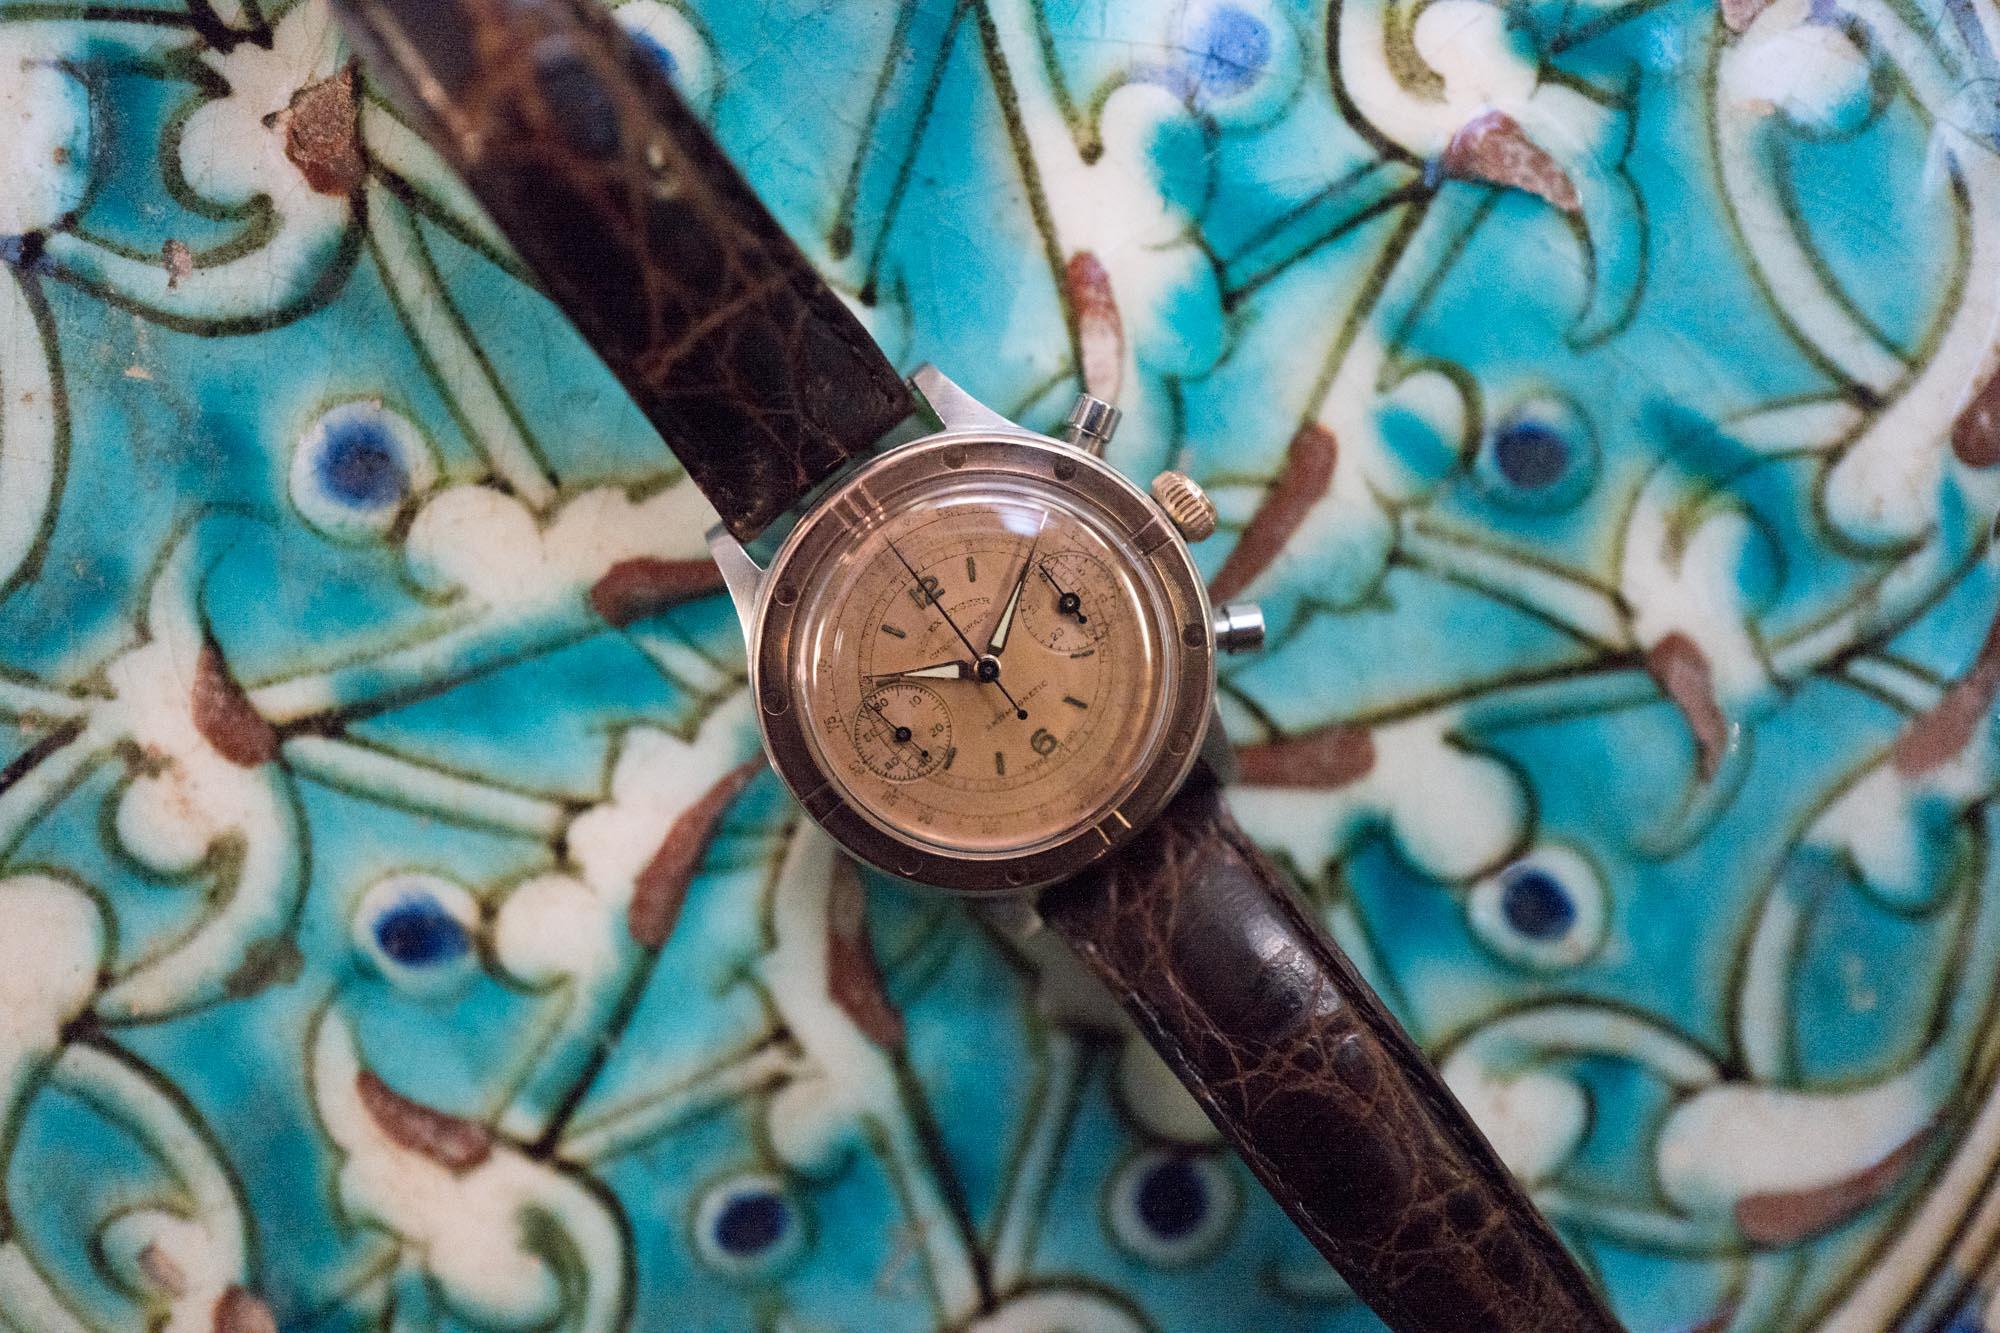 Vente Tajan Georg Fischer Rolex Oyster Chronograph - Focus